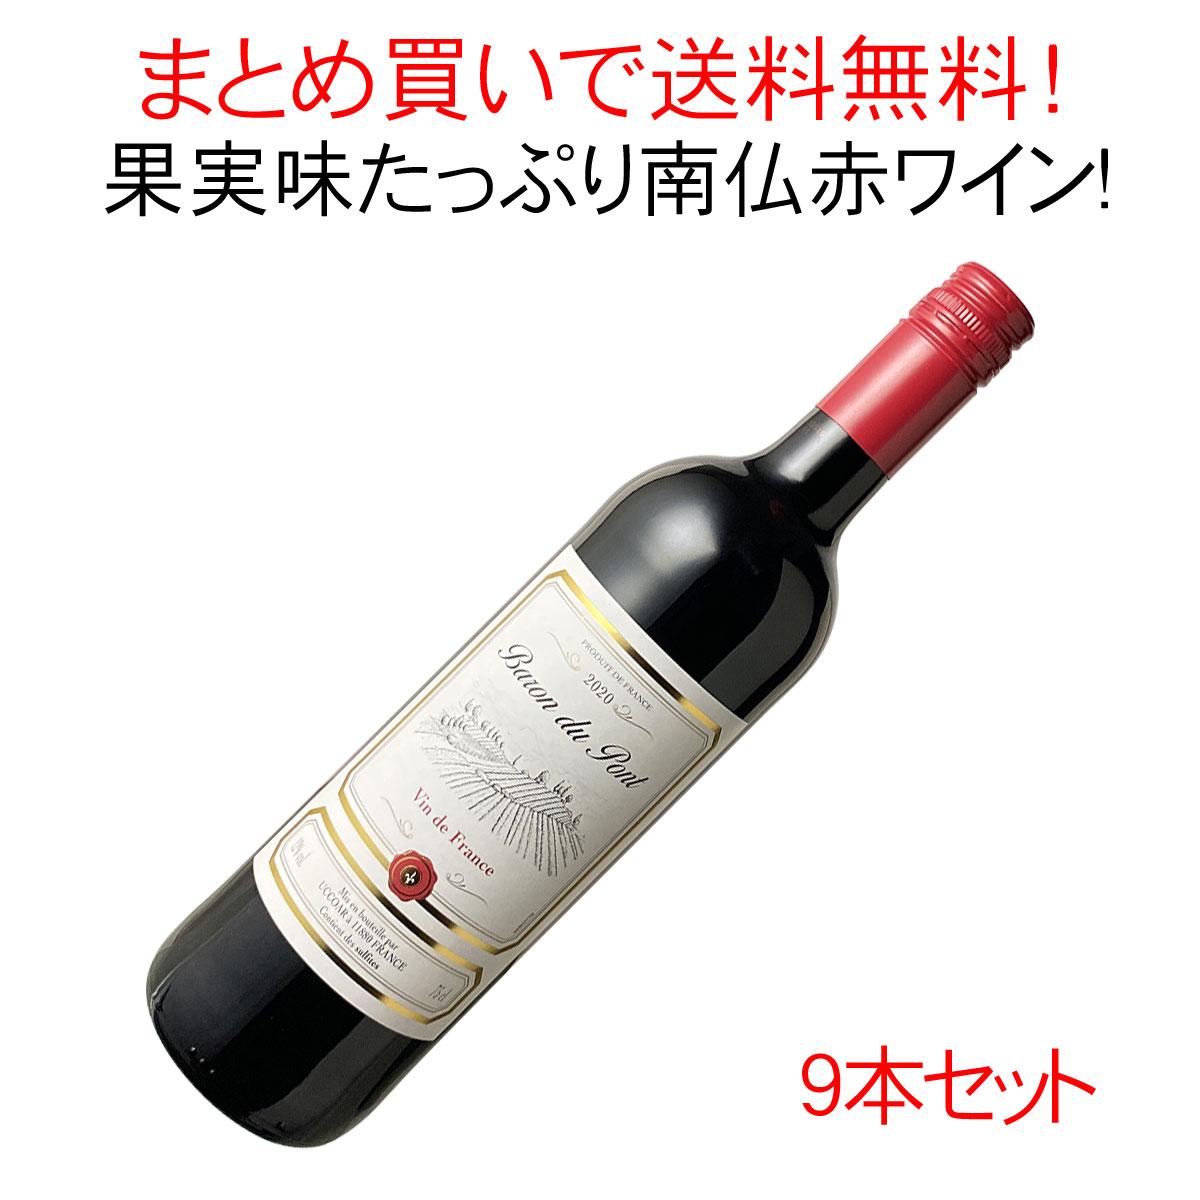 【送料無料】バロン・デュ・ポン ルージュ [2020] 1ケース9本セット <ワイン/フランスその他>